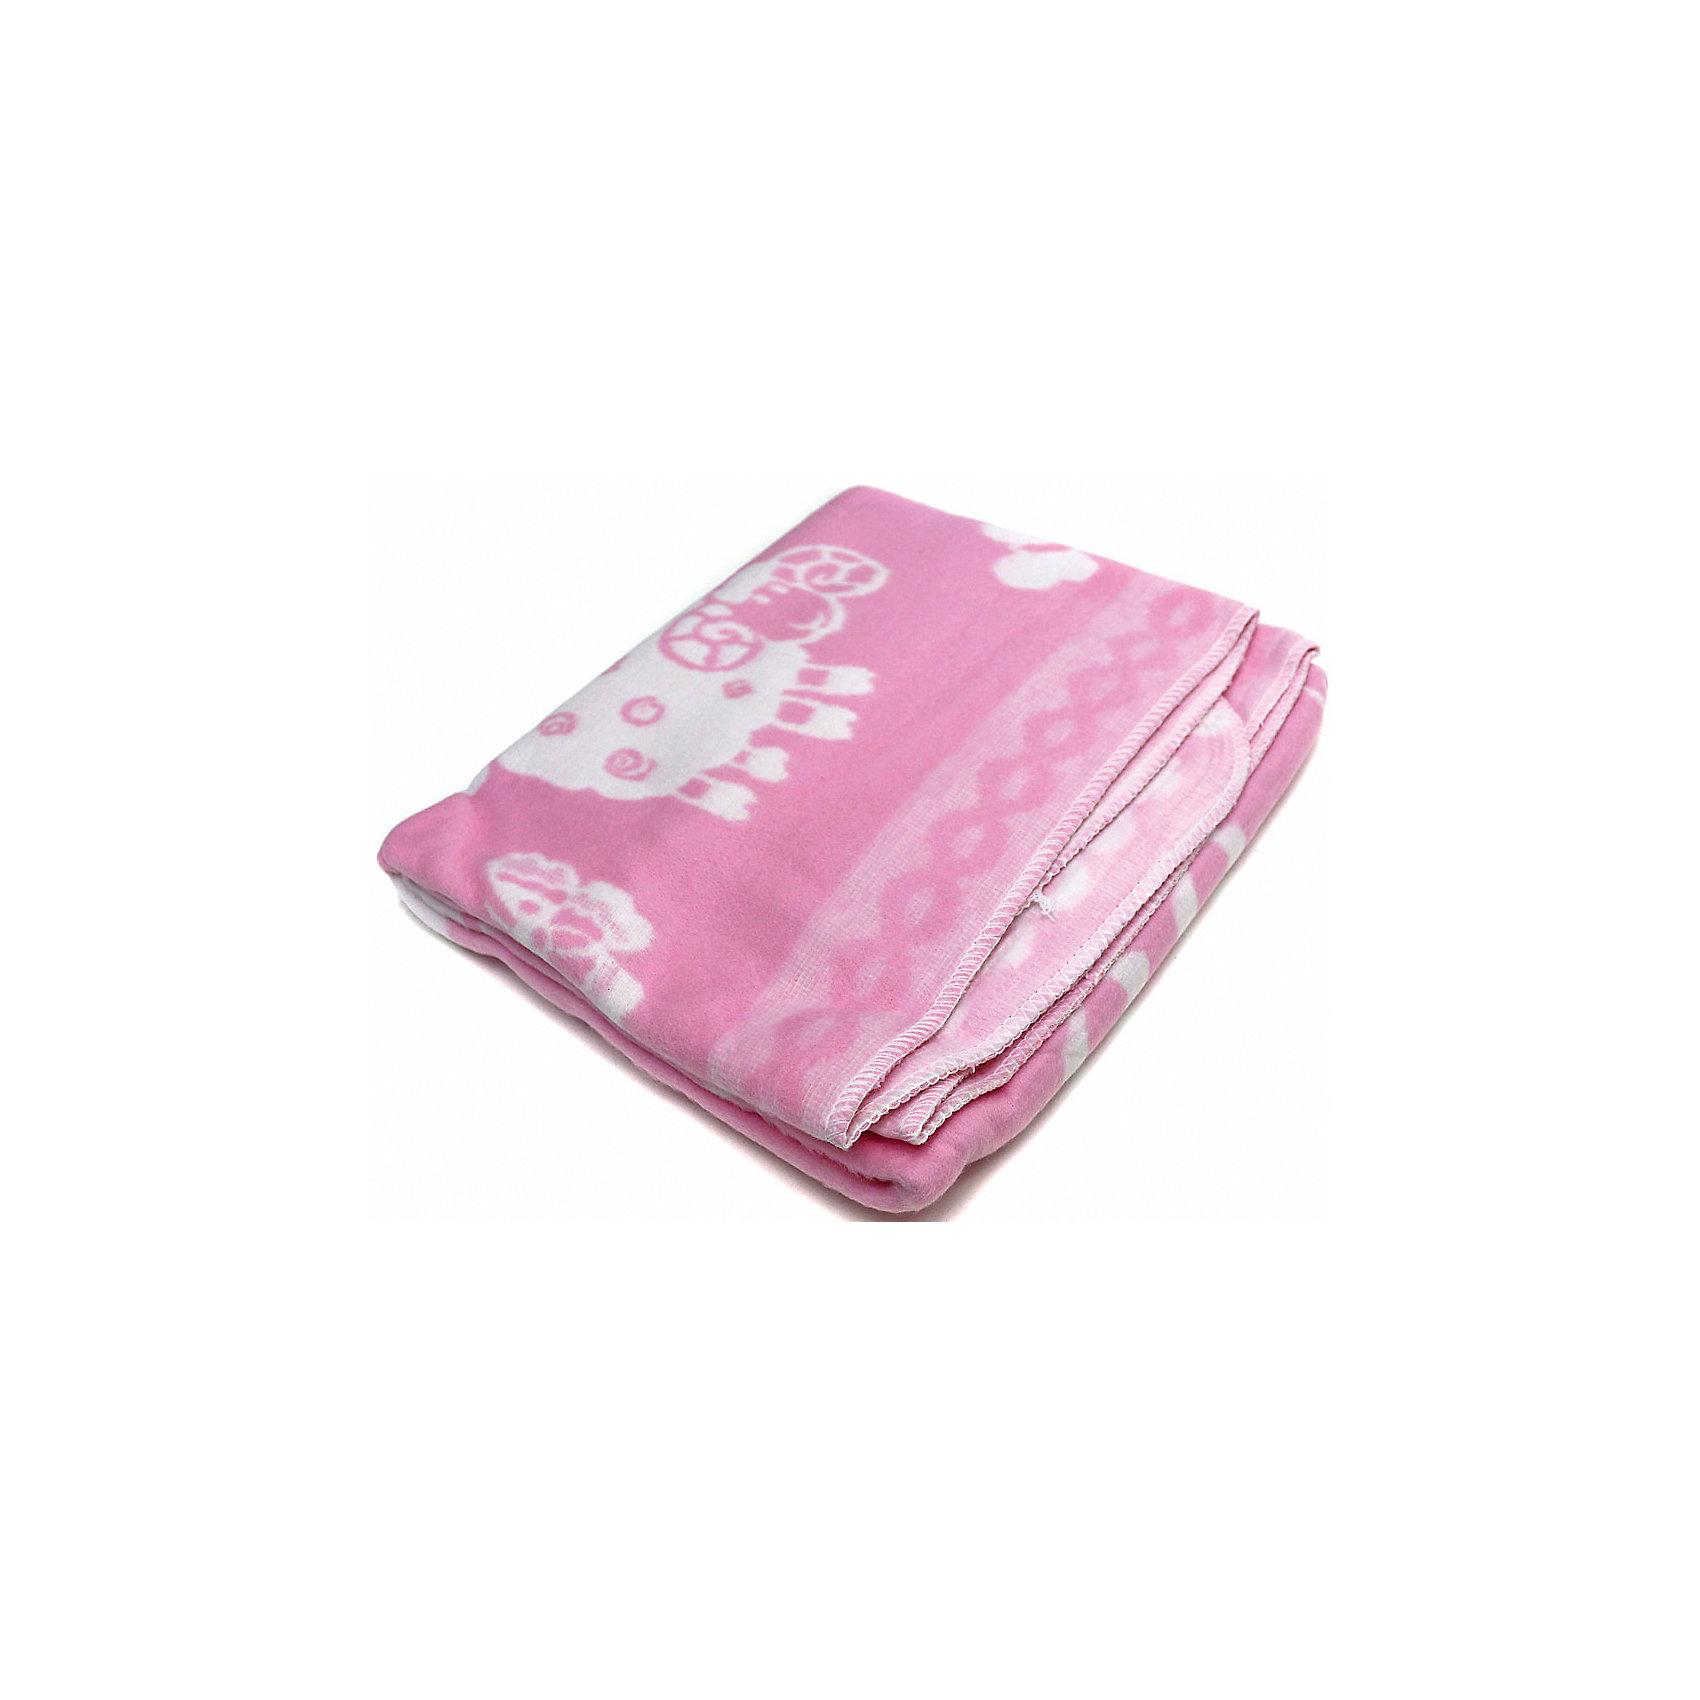 Байковое одеяло 100х118 см., Топотушки, розовыйОдеяла, пледы<br>Байковое одеяло 100х118 см., Топотушки, розовый<br><br>Характеристики:<br><br>-Размер: 100х118 см<br>-Цвет: розовый<br>-Материал: отбеленная и крашеная пряжа, 100% хлопок<br><br>Байковое одеяло 100х118 см., Топотушки, розовый согреет вашего ребёнка в холодное время года. Одеяло выполнено из 100% хлопка и не вызовет аллергическую реакцию. В одеяло можно запеленать ребёнку, благодаря его размеру. Оно мягкое и приятное на ощупь, поэтому сделает сон вашего ребёнка еще комфортнее. <br><br>Байковое одеяло 100х118 см., Топотушки, розовый можно приобрести в нашем интернет-магазине.<br><br>Ширина мм: 350<br>Глубина мм: 310<br>Высота мм: 30<br>Вес г: 580<br>Возраст от месяцев: 0<br>Возраст до месяцев: 36<br>Пол: Женский<br>Возраст: Детский<br>SKU: 5086333